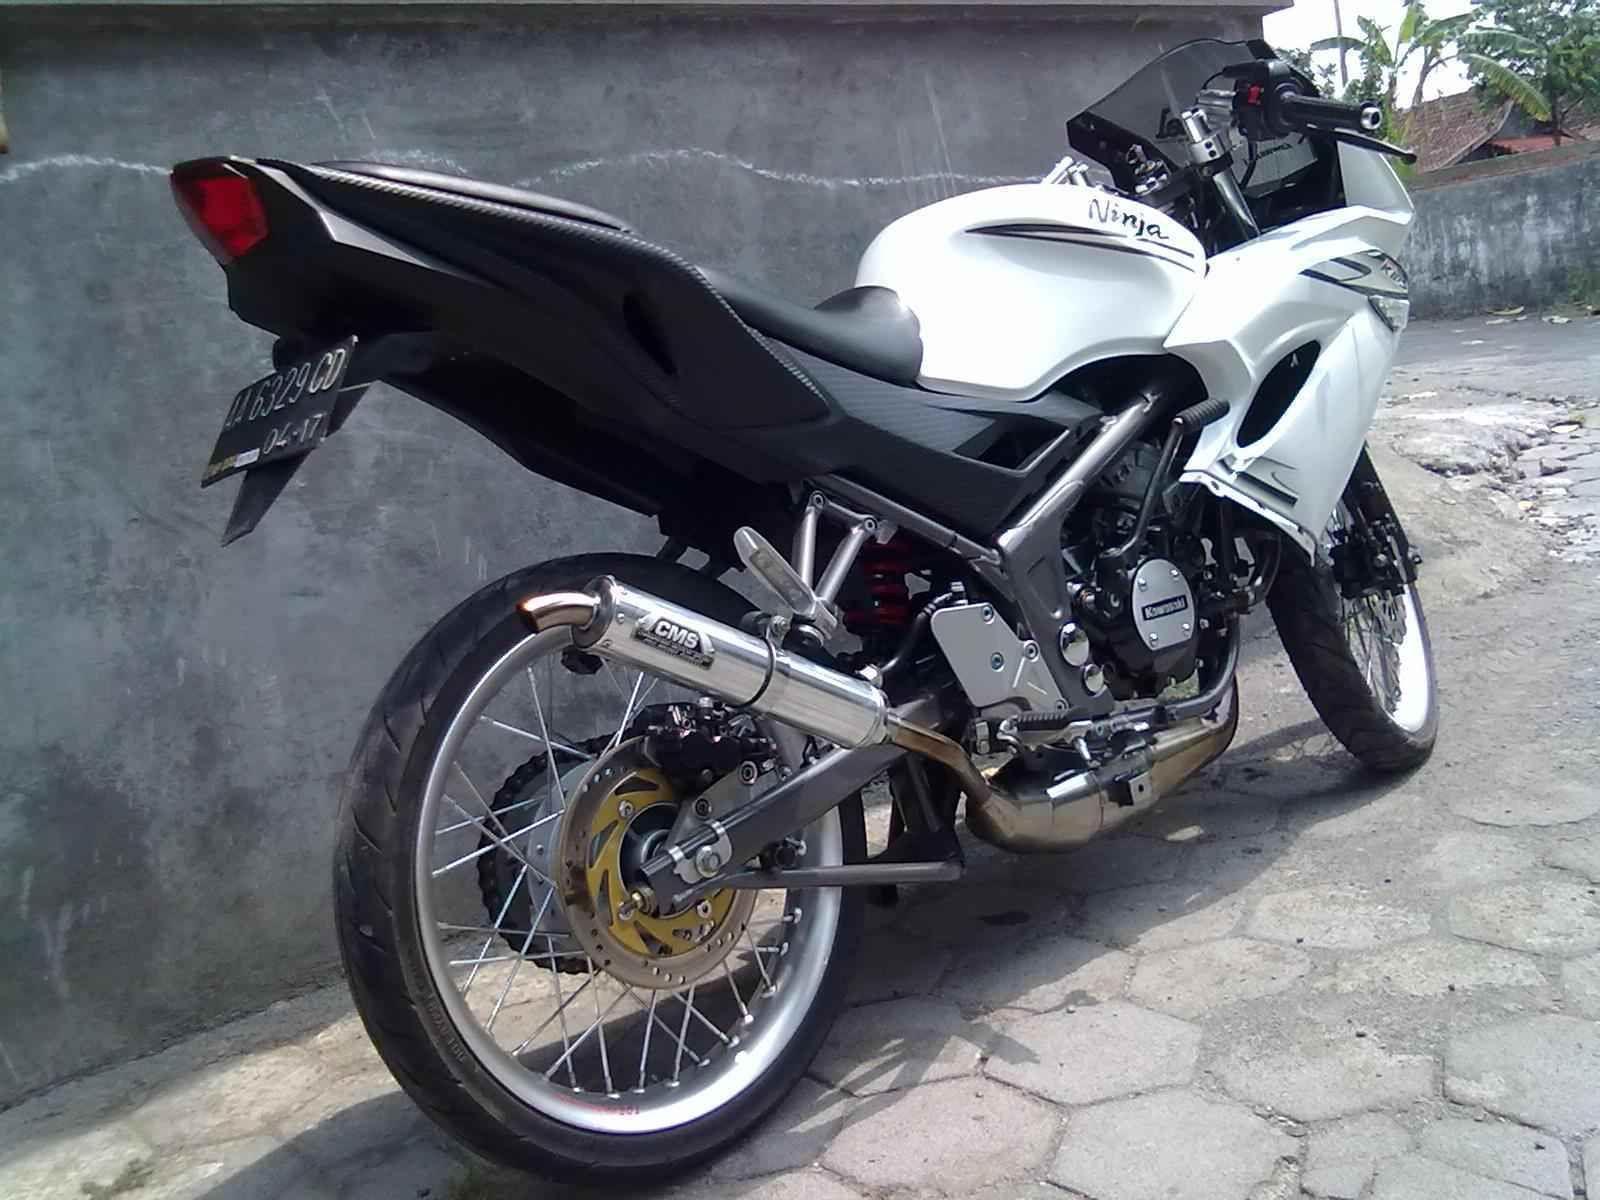 Modif Kawasaki Ninja 150 Rr Velg 17 Jari